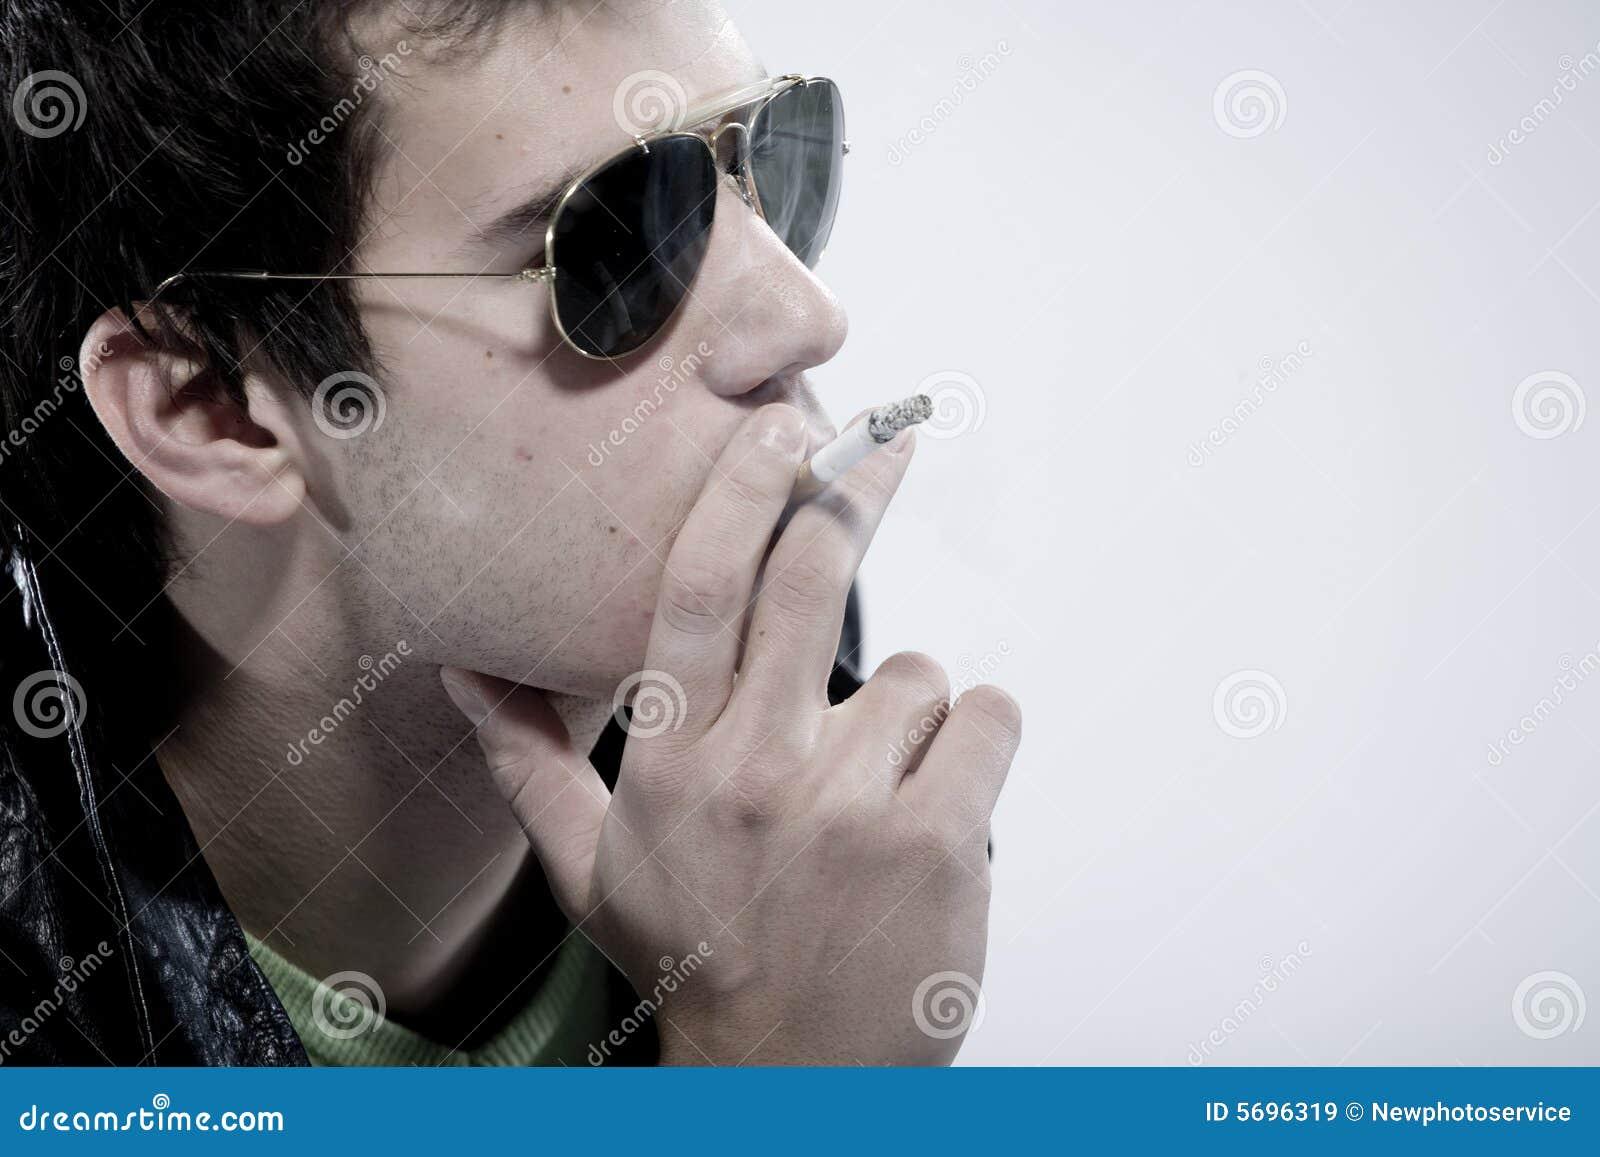 Boy smoking a cigarette